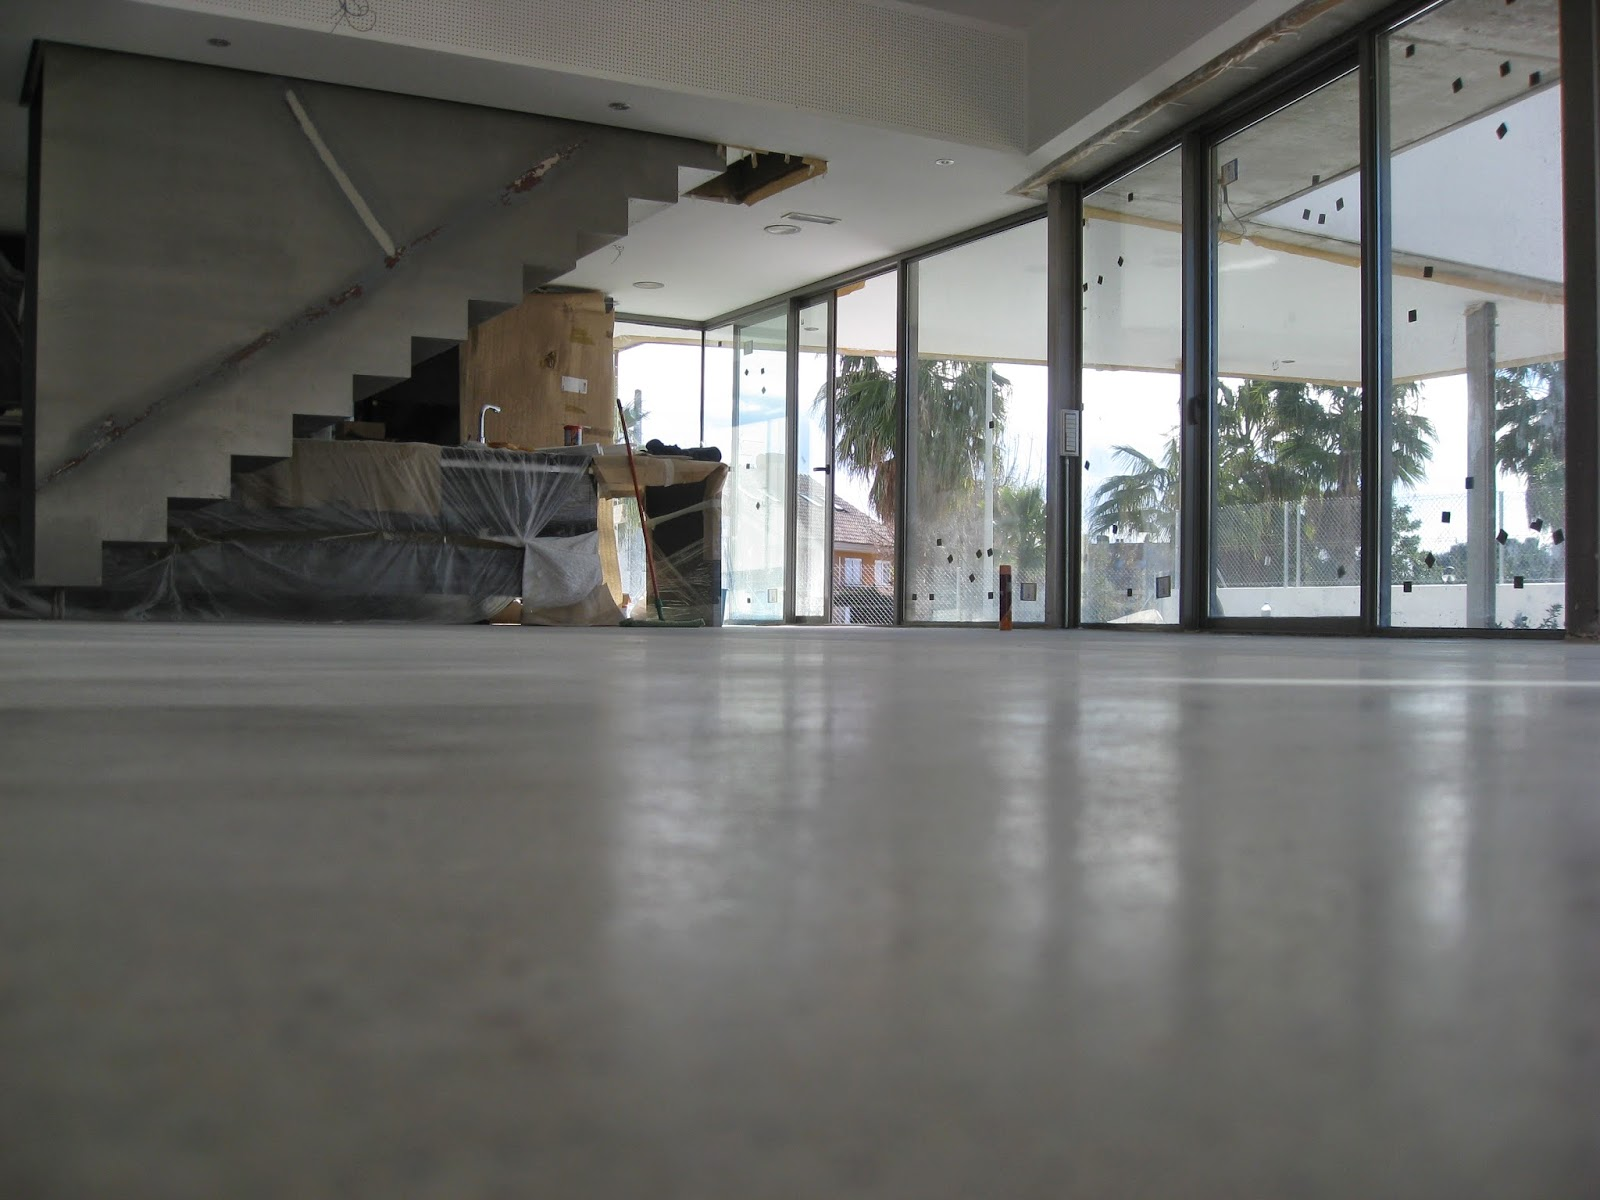 Hormig n pulido litio m laga hormisystem for Hormigon pulido para interiores